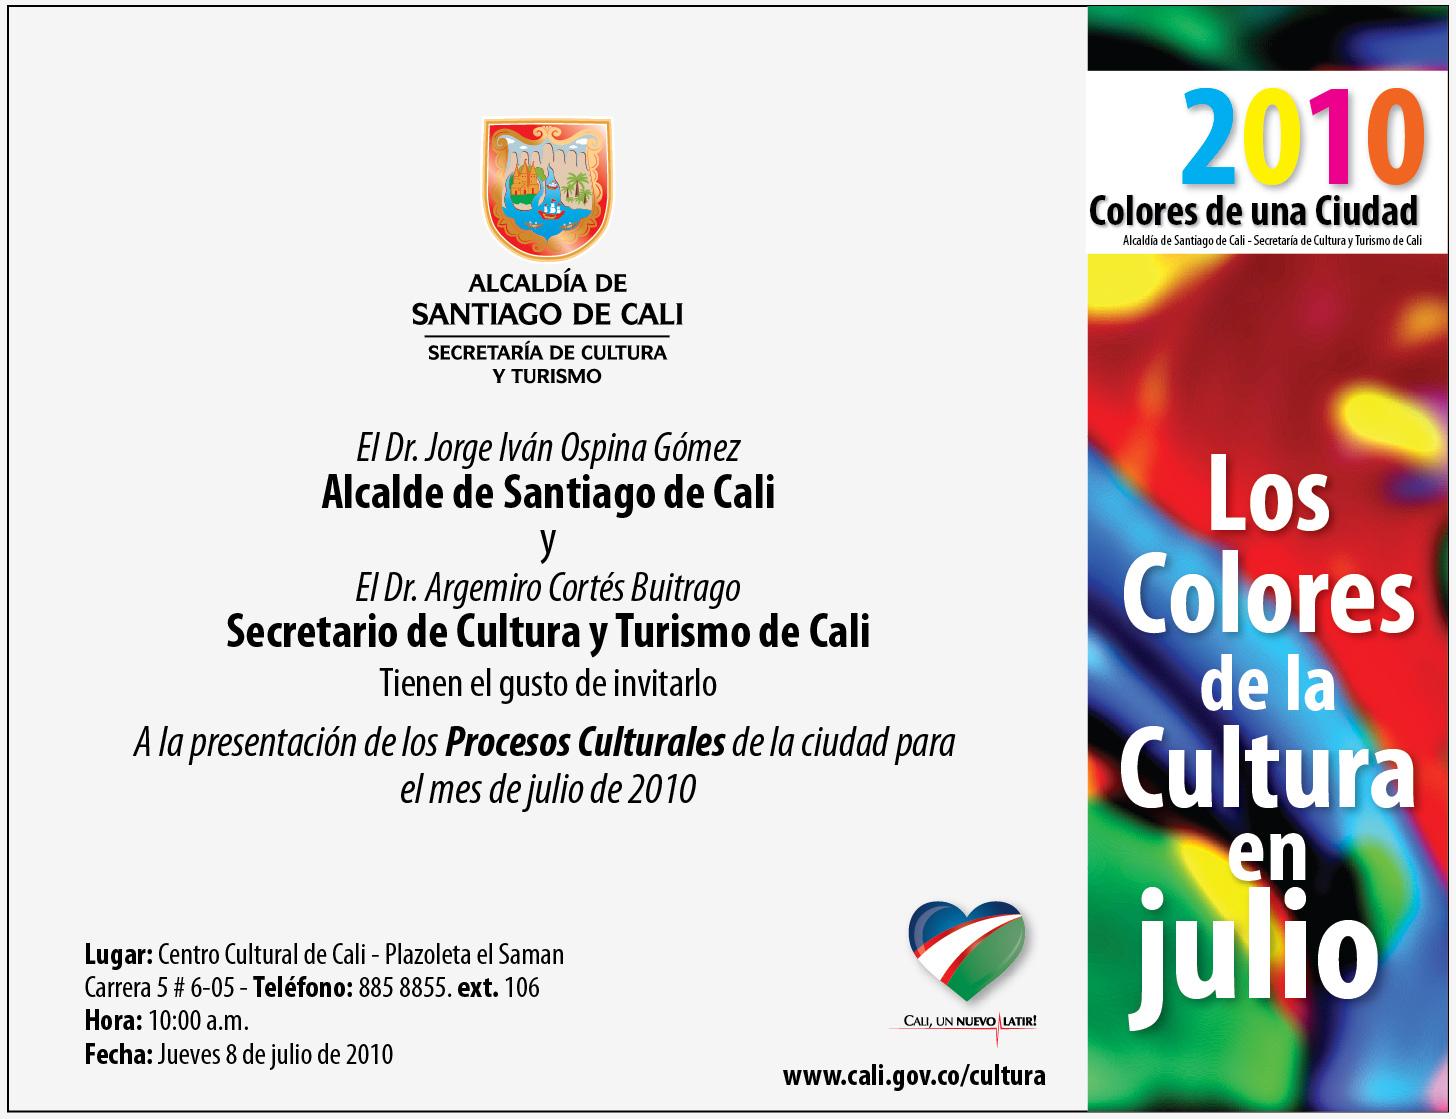 Agenda Cultural Para Julio De 2010